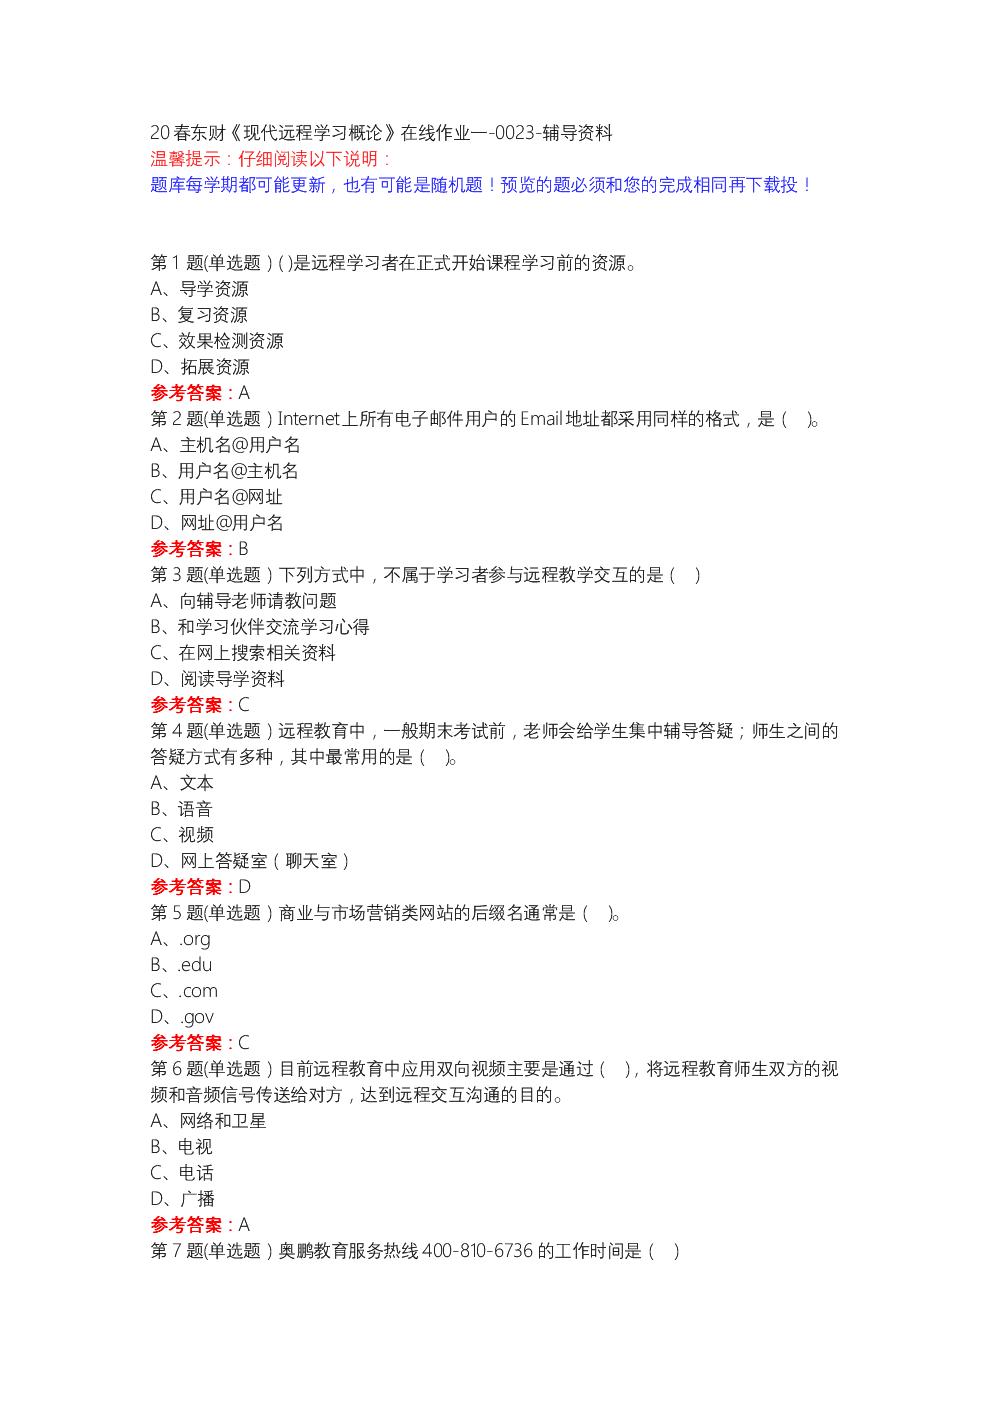 20春东财《现代远程学习概论》在线作业一-0023-辅导资料.docx